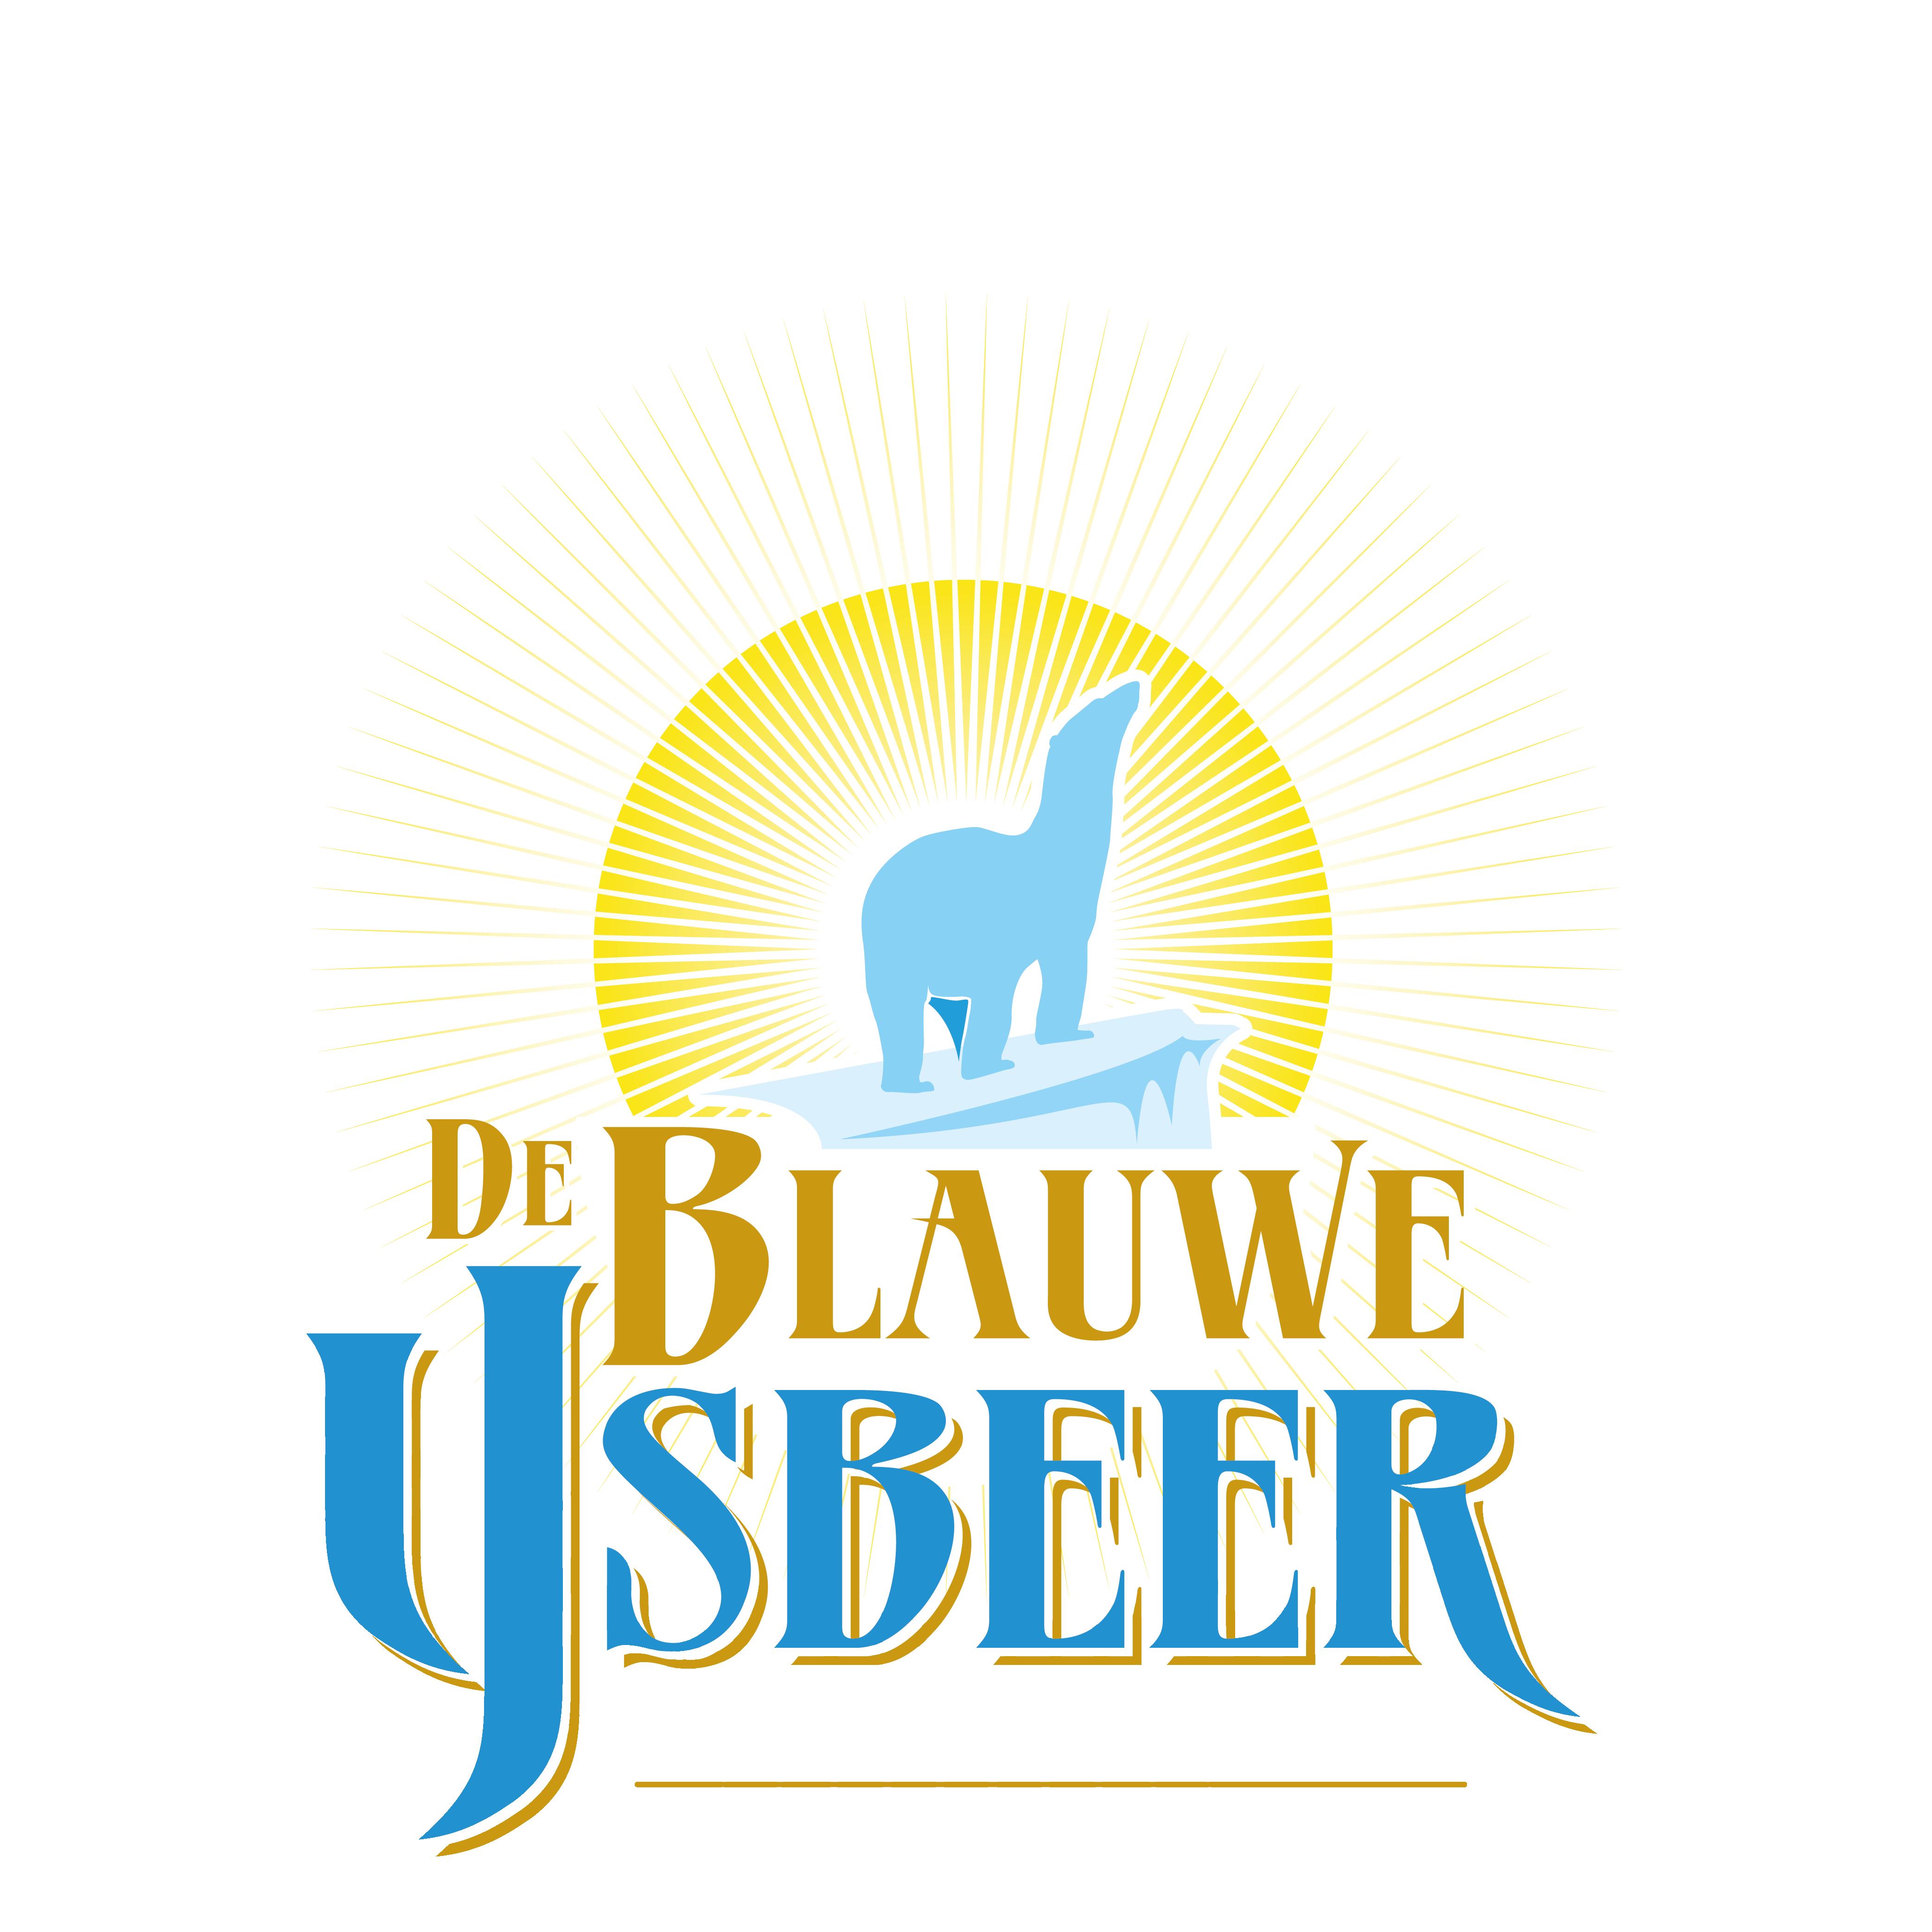 nectar-utrecht-pils-bier-brouwerij-nederland-nieuwpoort-deblauweijsbeer-logo